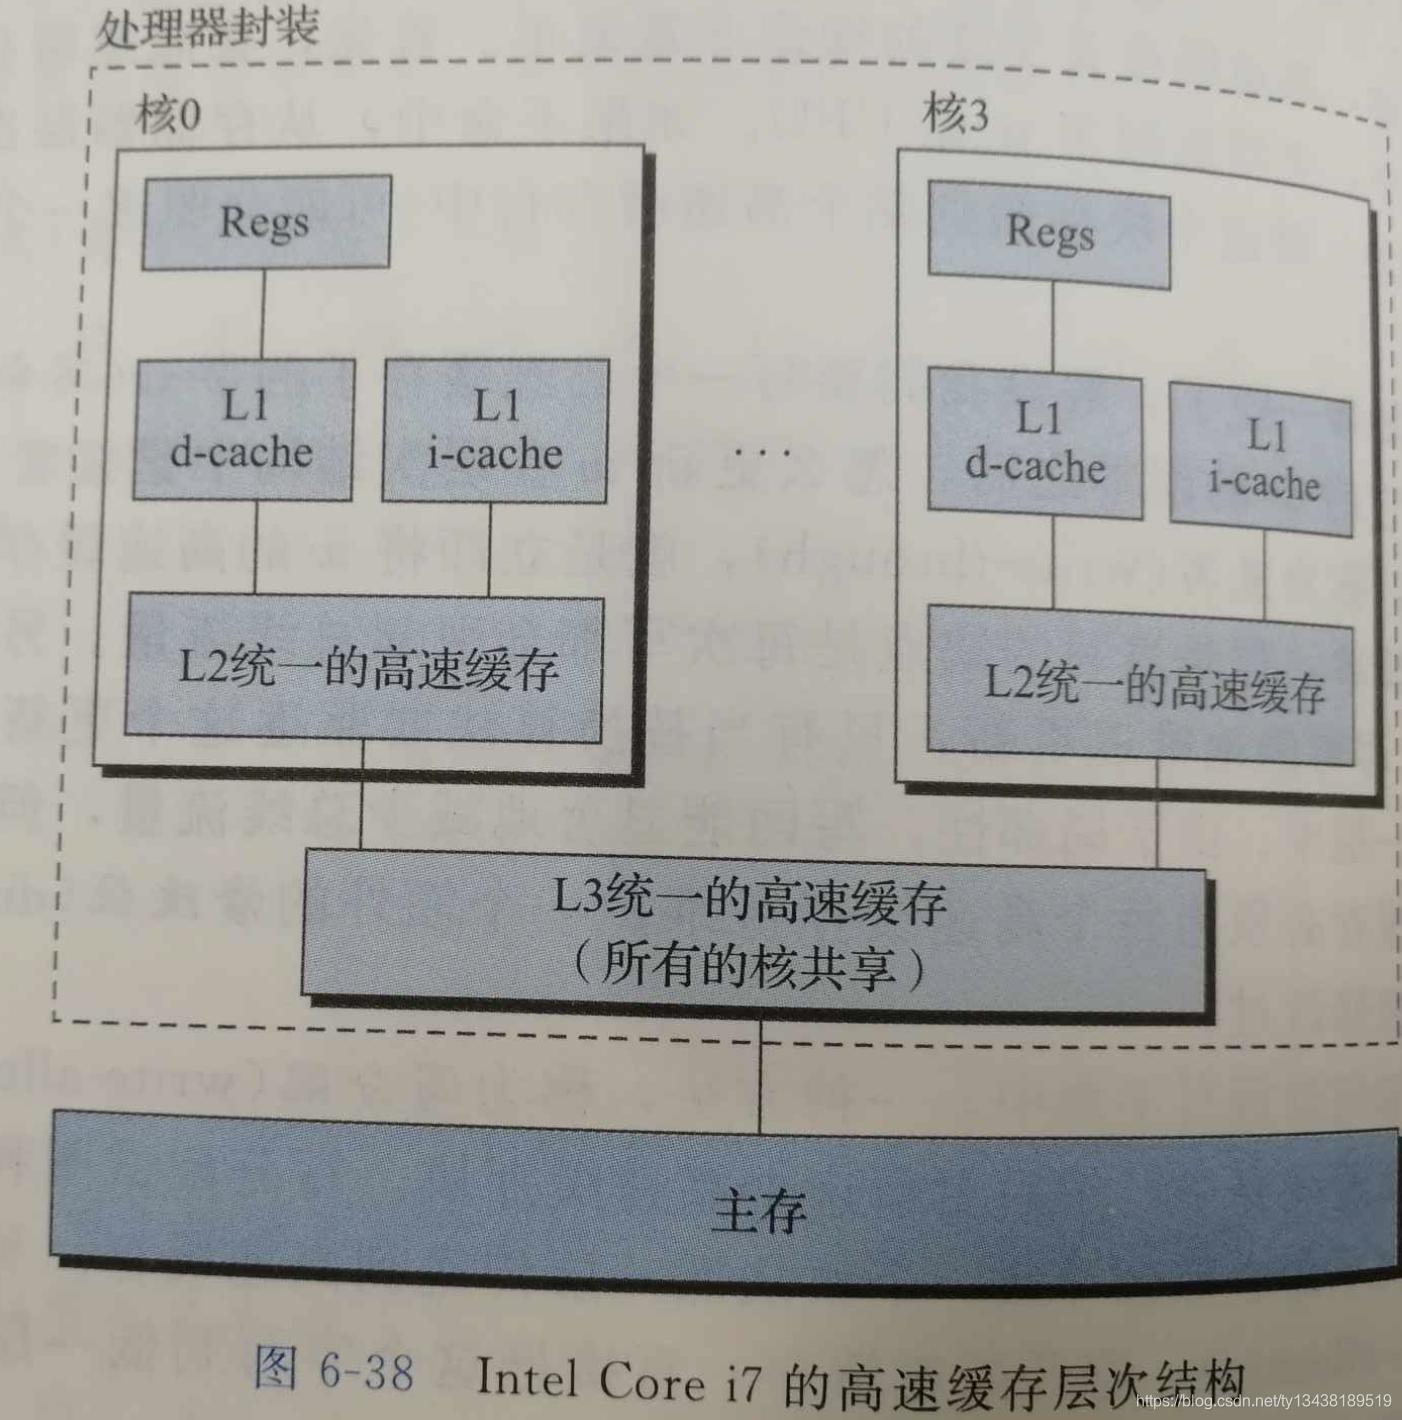 电脑操作系统种类有哪些_闪靓童网